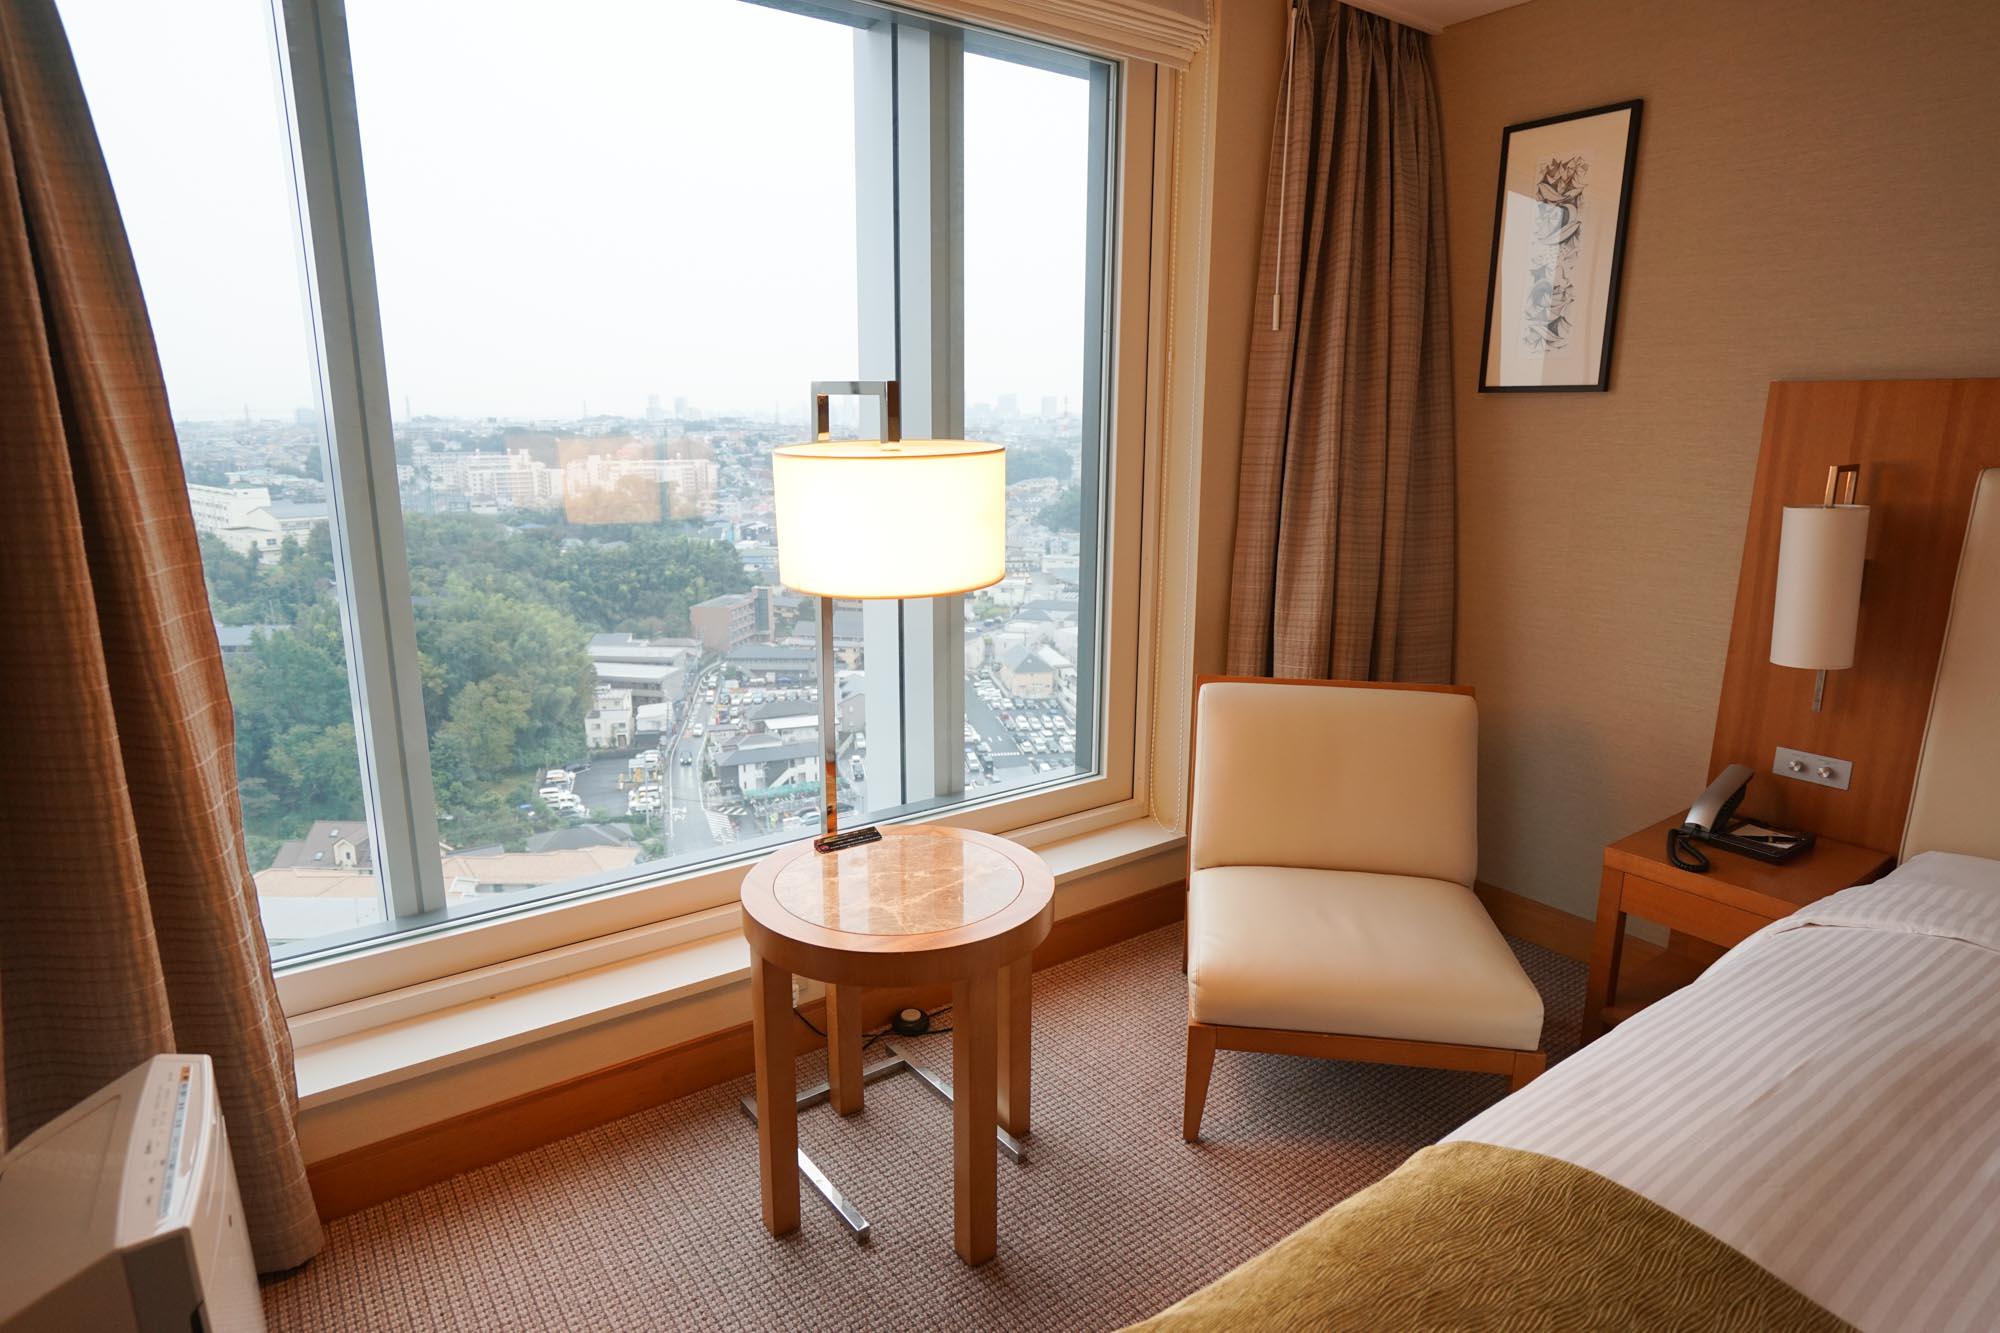 そして、窓際にはちょっとくつろいで読書などできそうな椅子とテーブルが別であります。